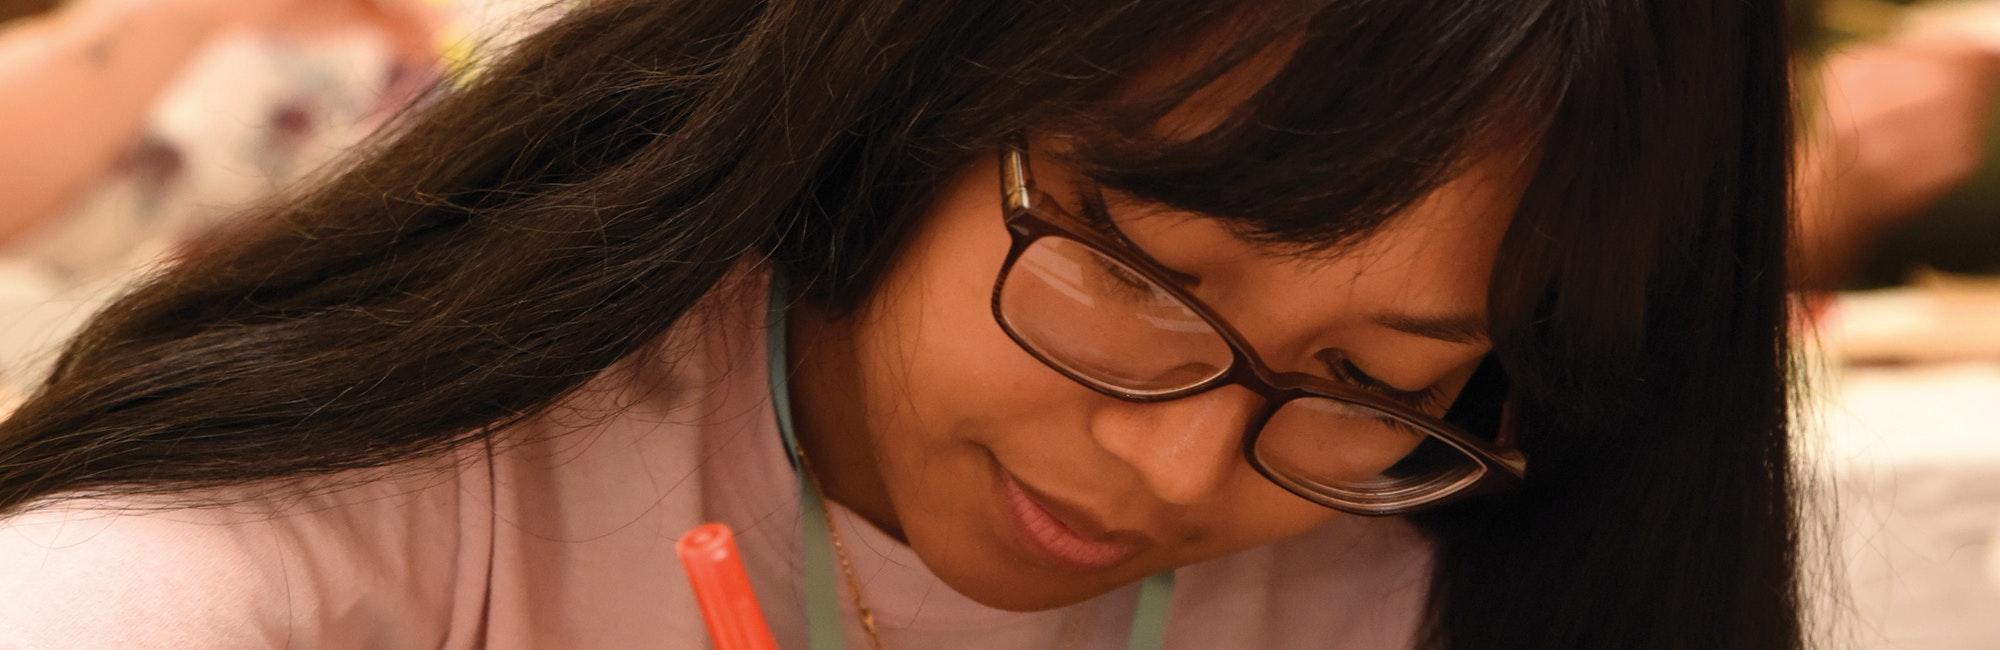 Foto em close muito próximo, cortada, de uma menina asiática de óculos olhando para baixo